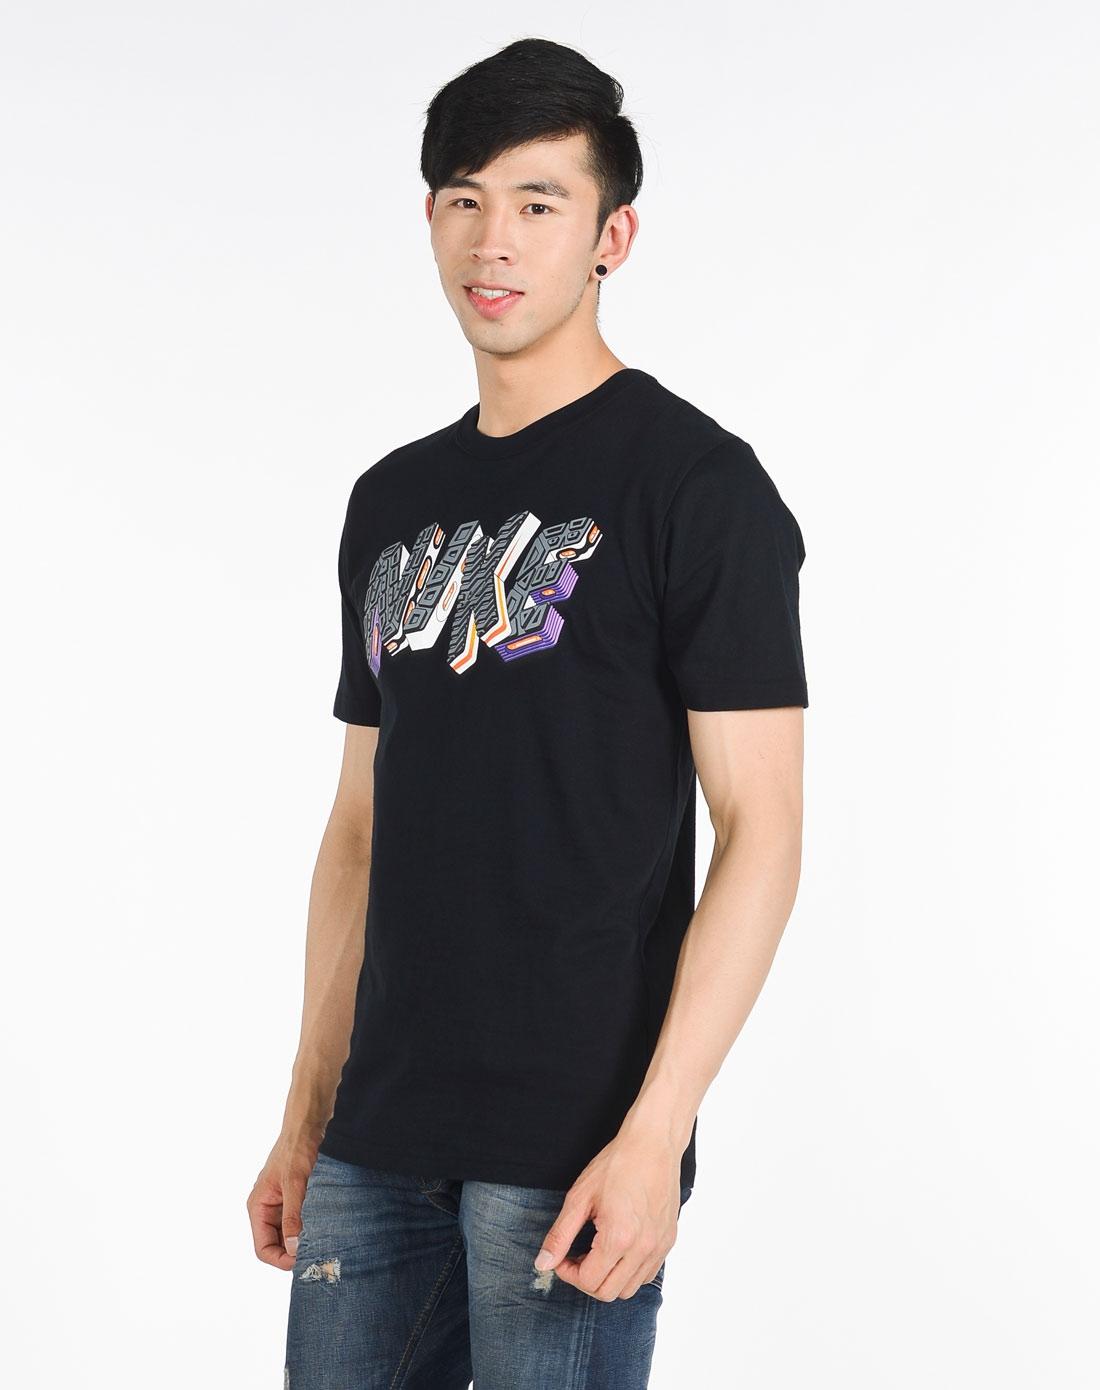 男子黑色短袖t恤